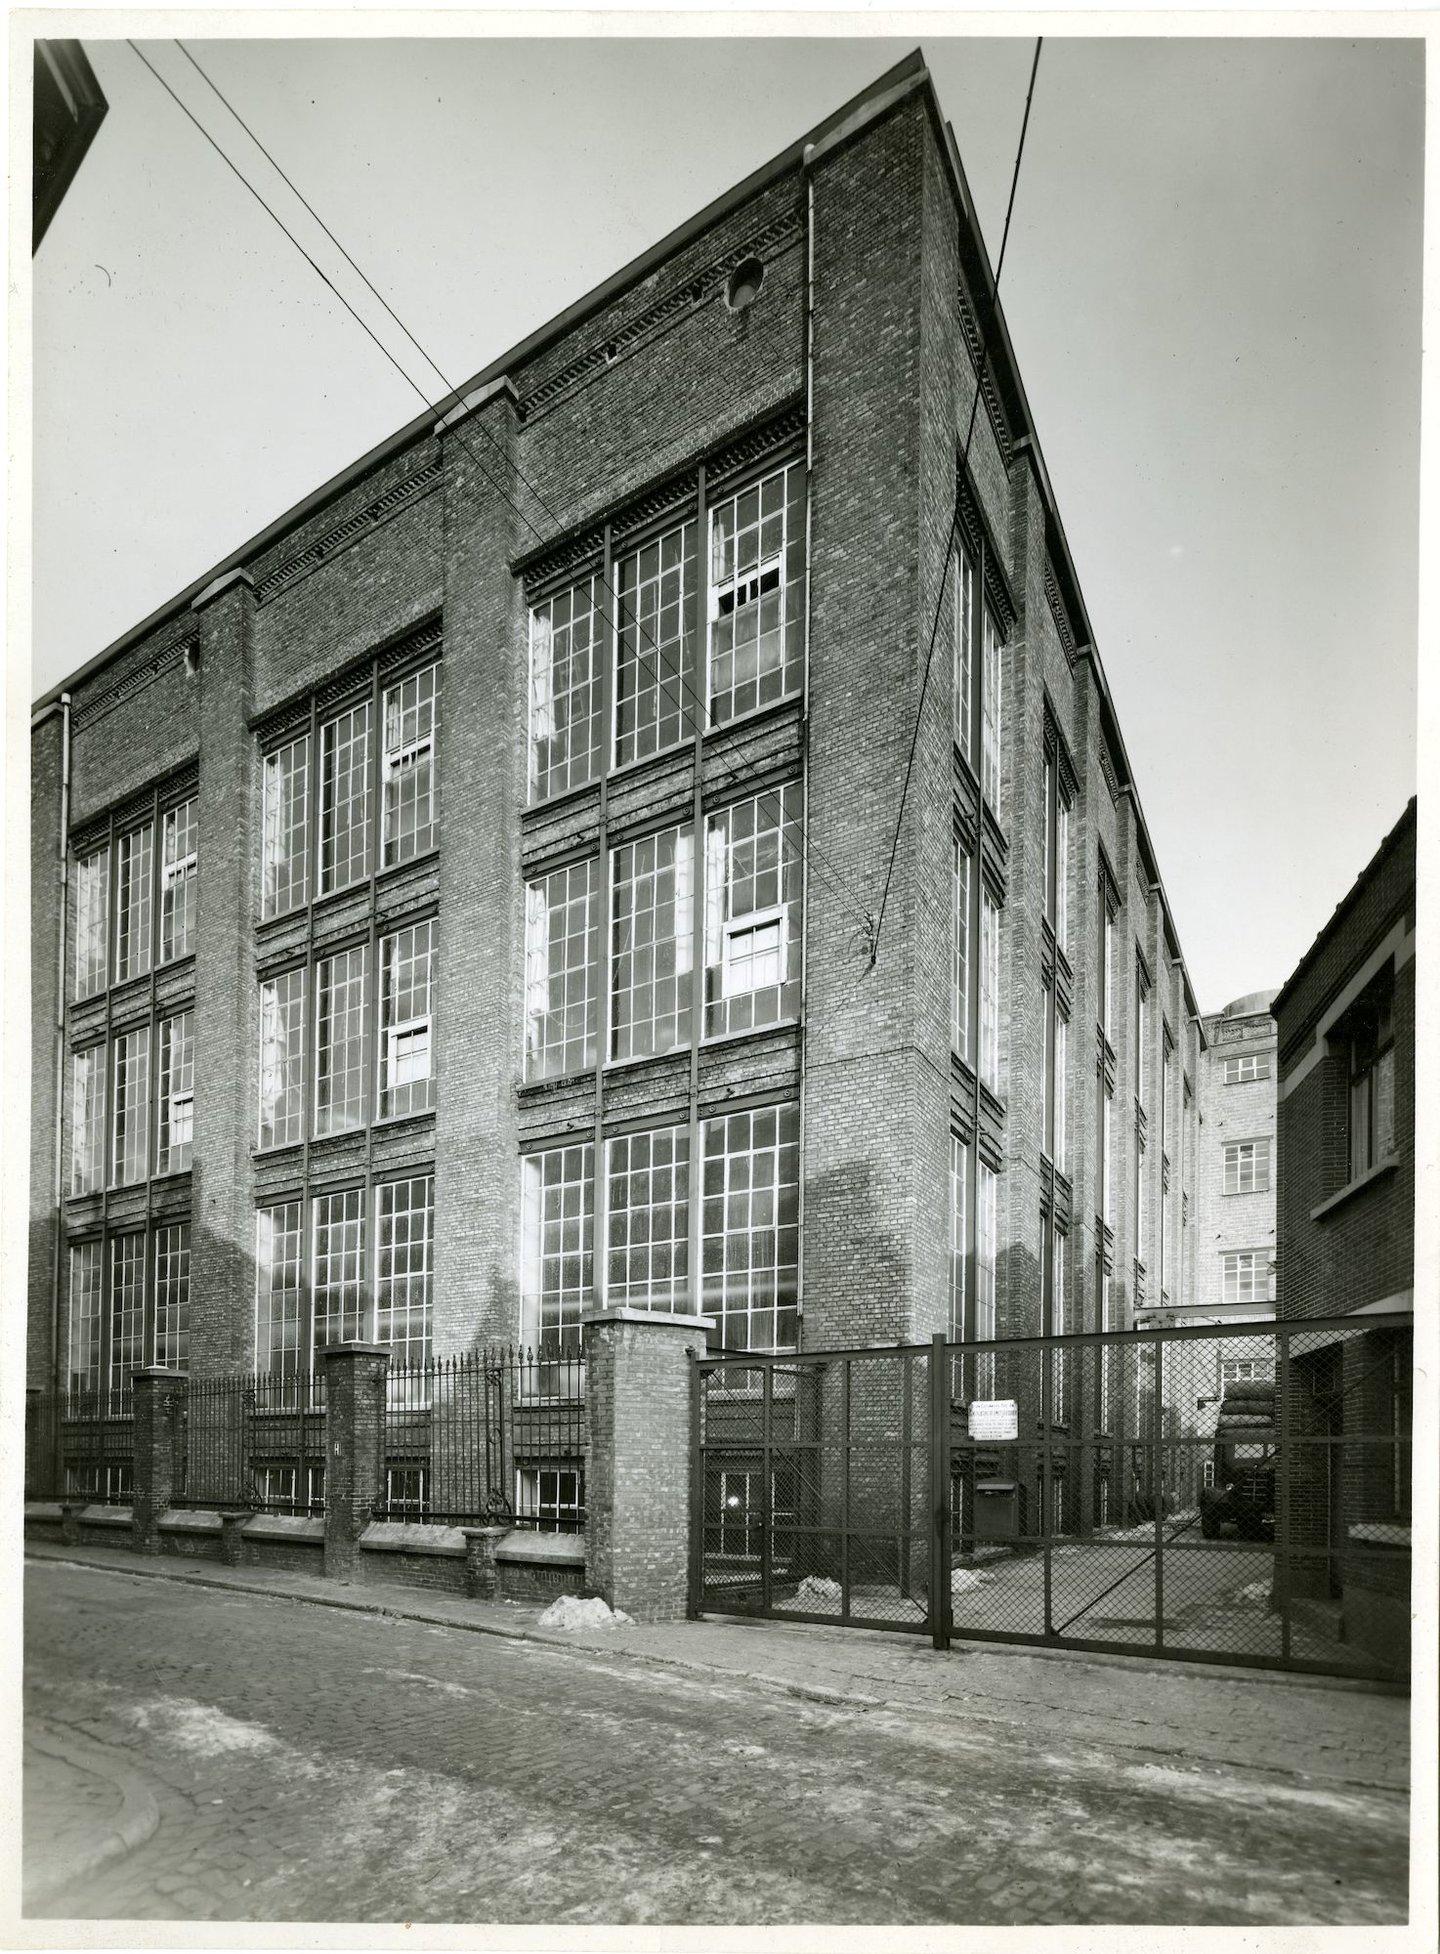 Buitenzicht van hoofdingang textielfabriek UCO Desmet-Guequier in Gent